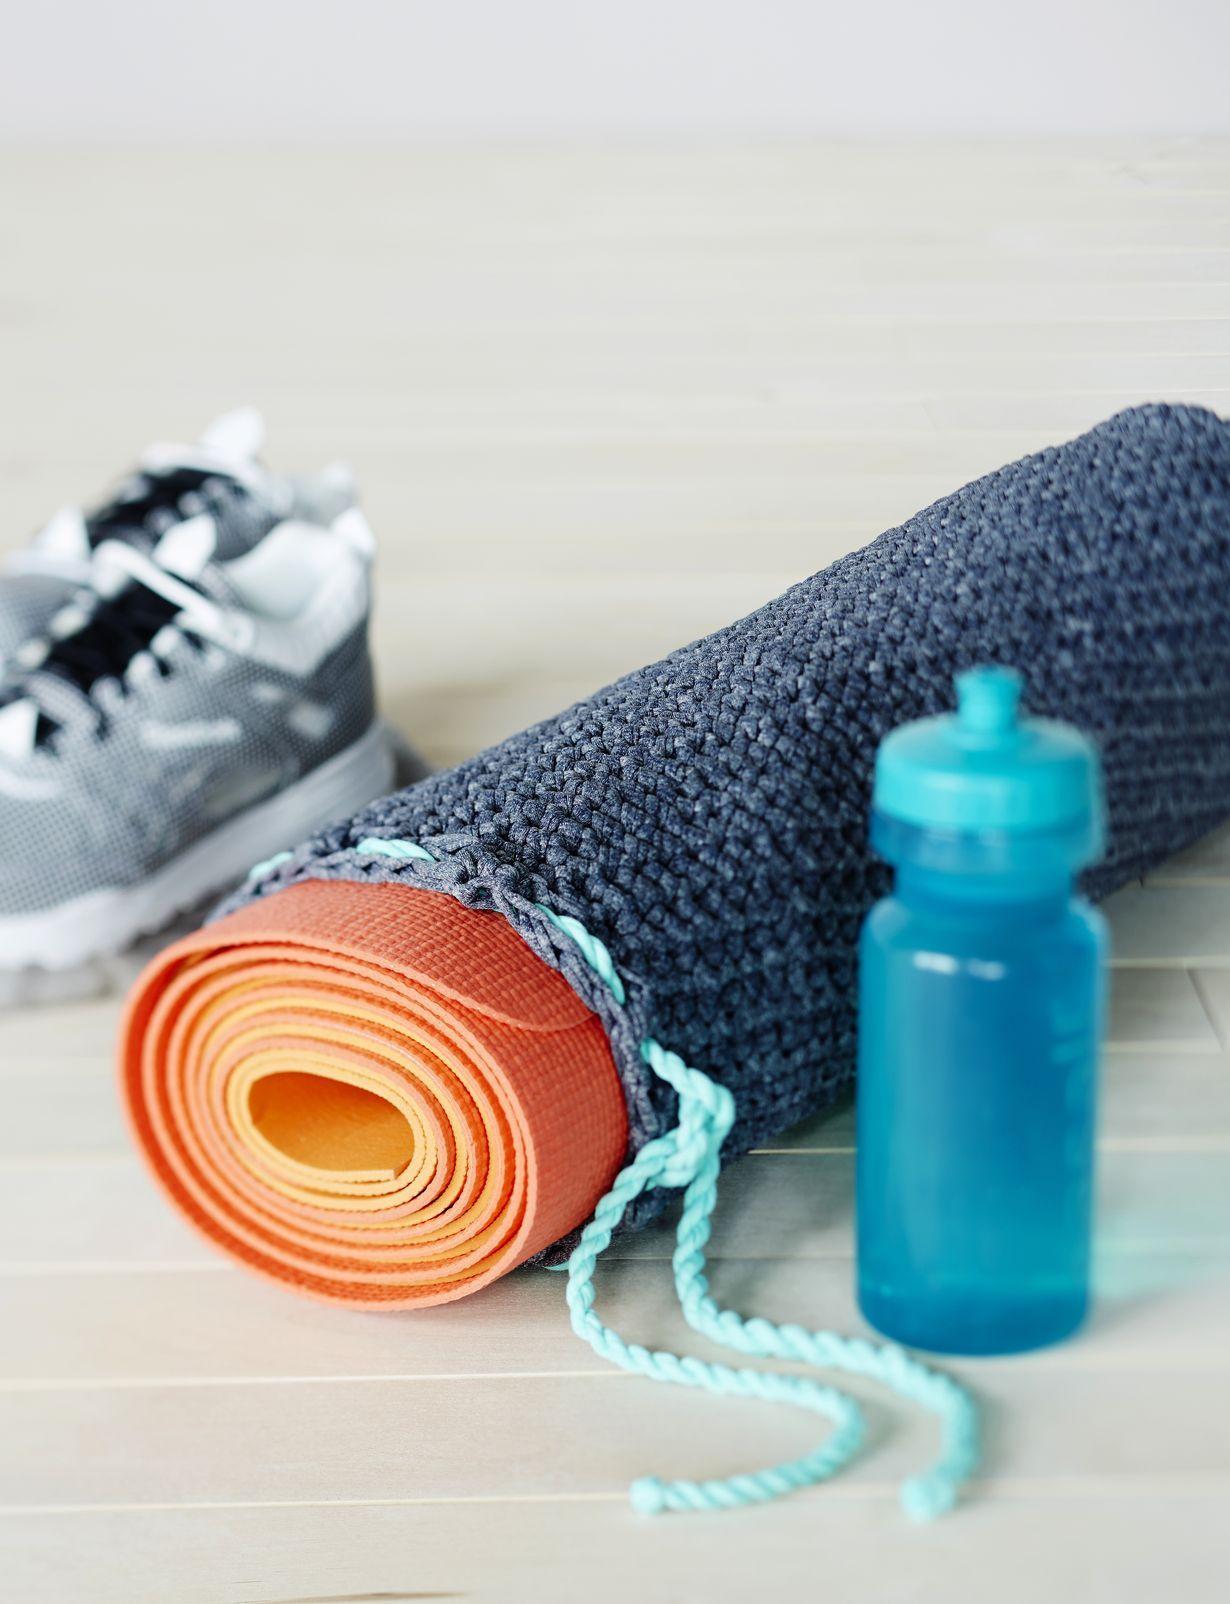 Virkkaa tyylikäs pussi, jossa voit säilyttää jumppamattoa tai putkirullaa.